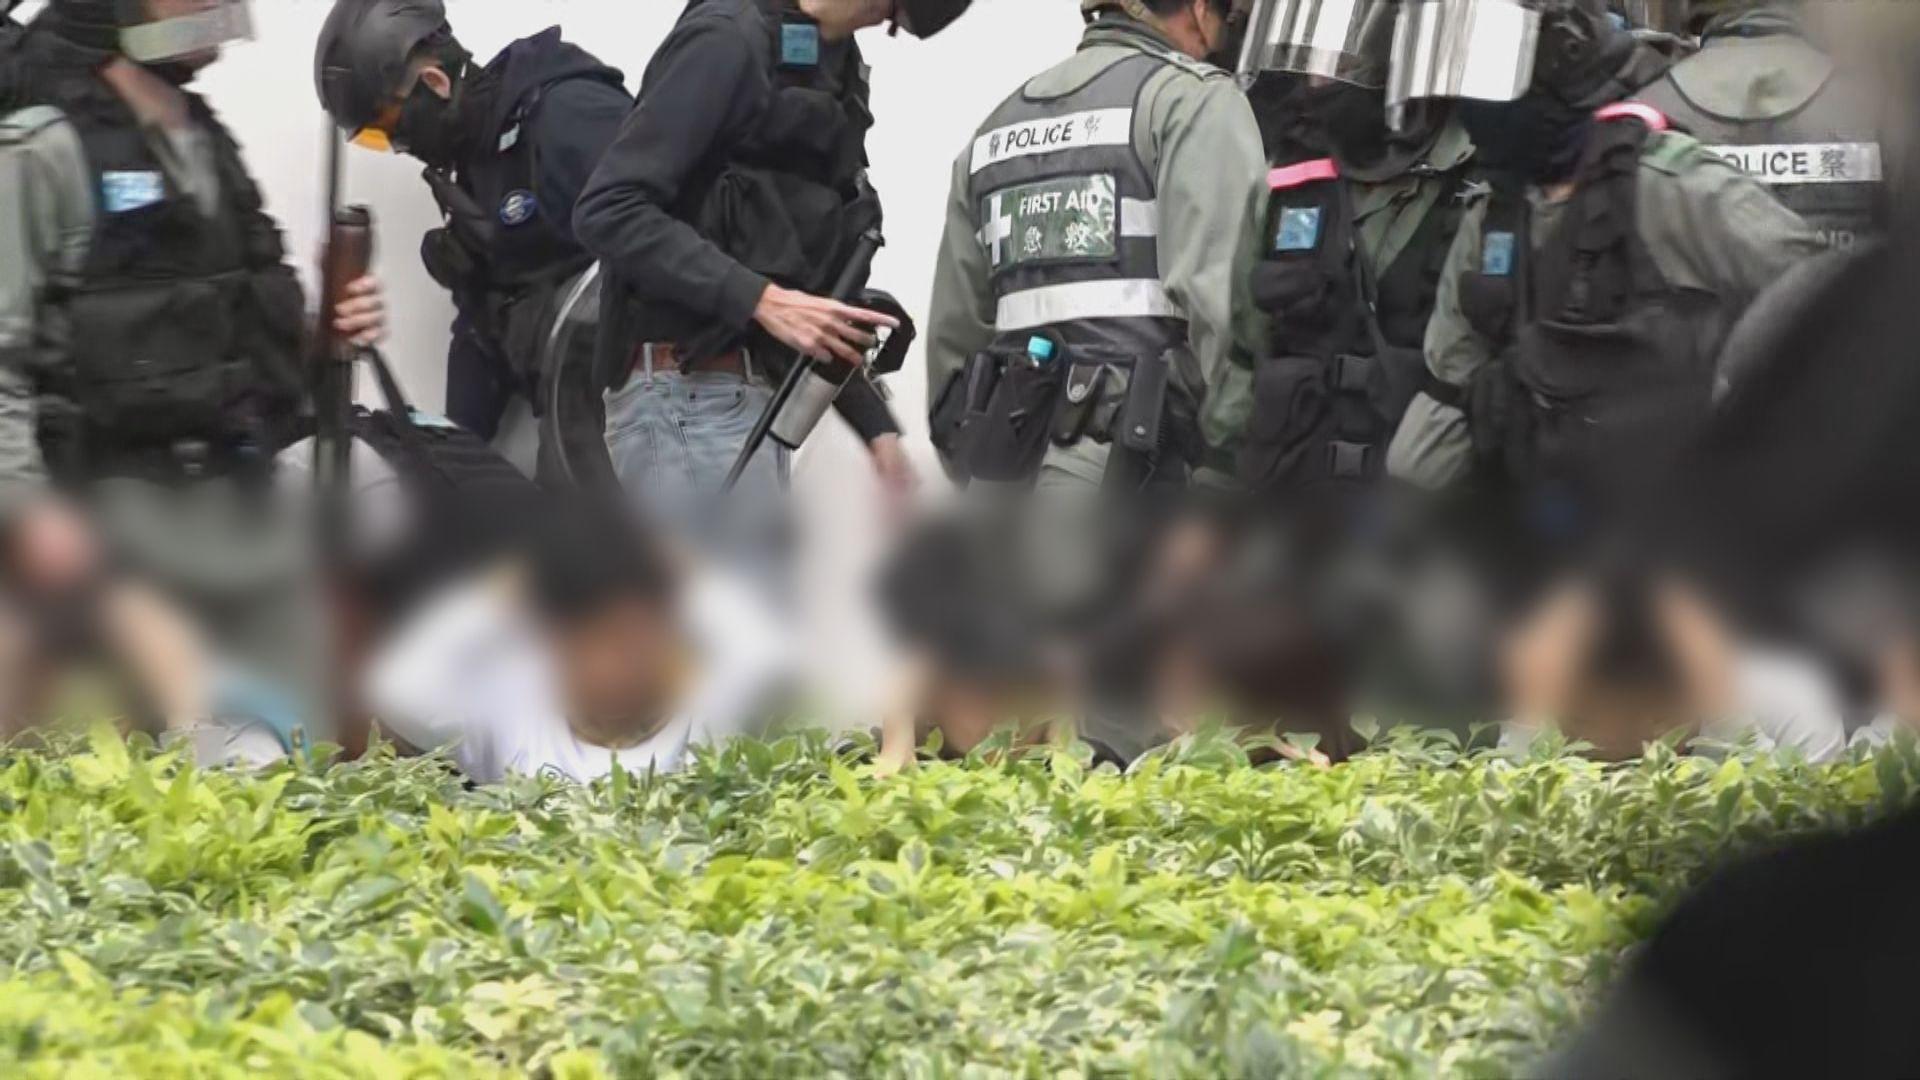 警員施放胡椒噴霧 大批人被制服